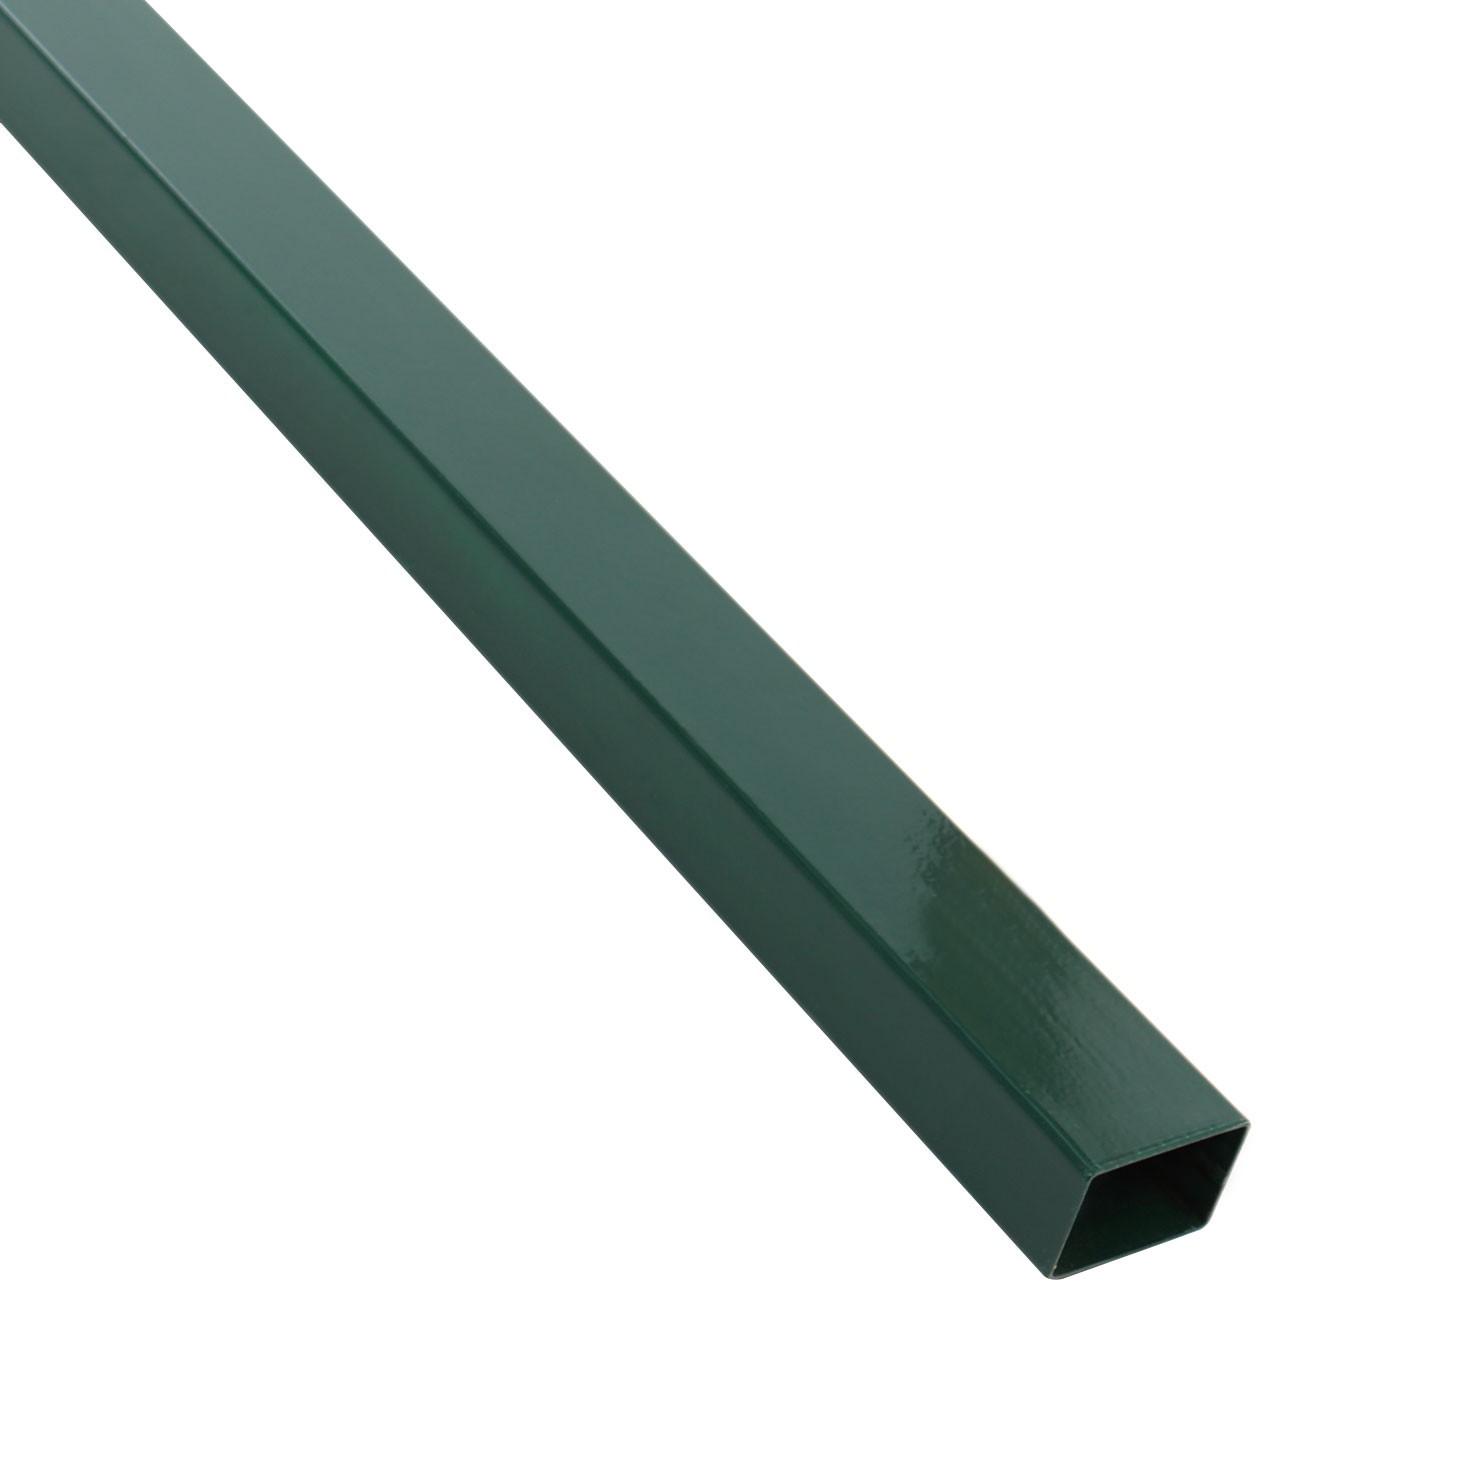 Stalp de gard verde dreptunghiular 2.5 m 60 x 40 mm